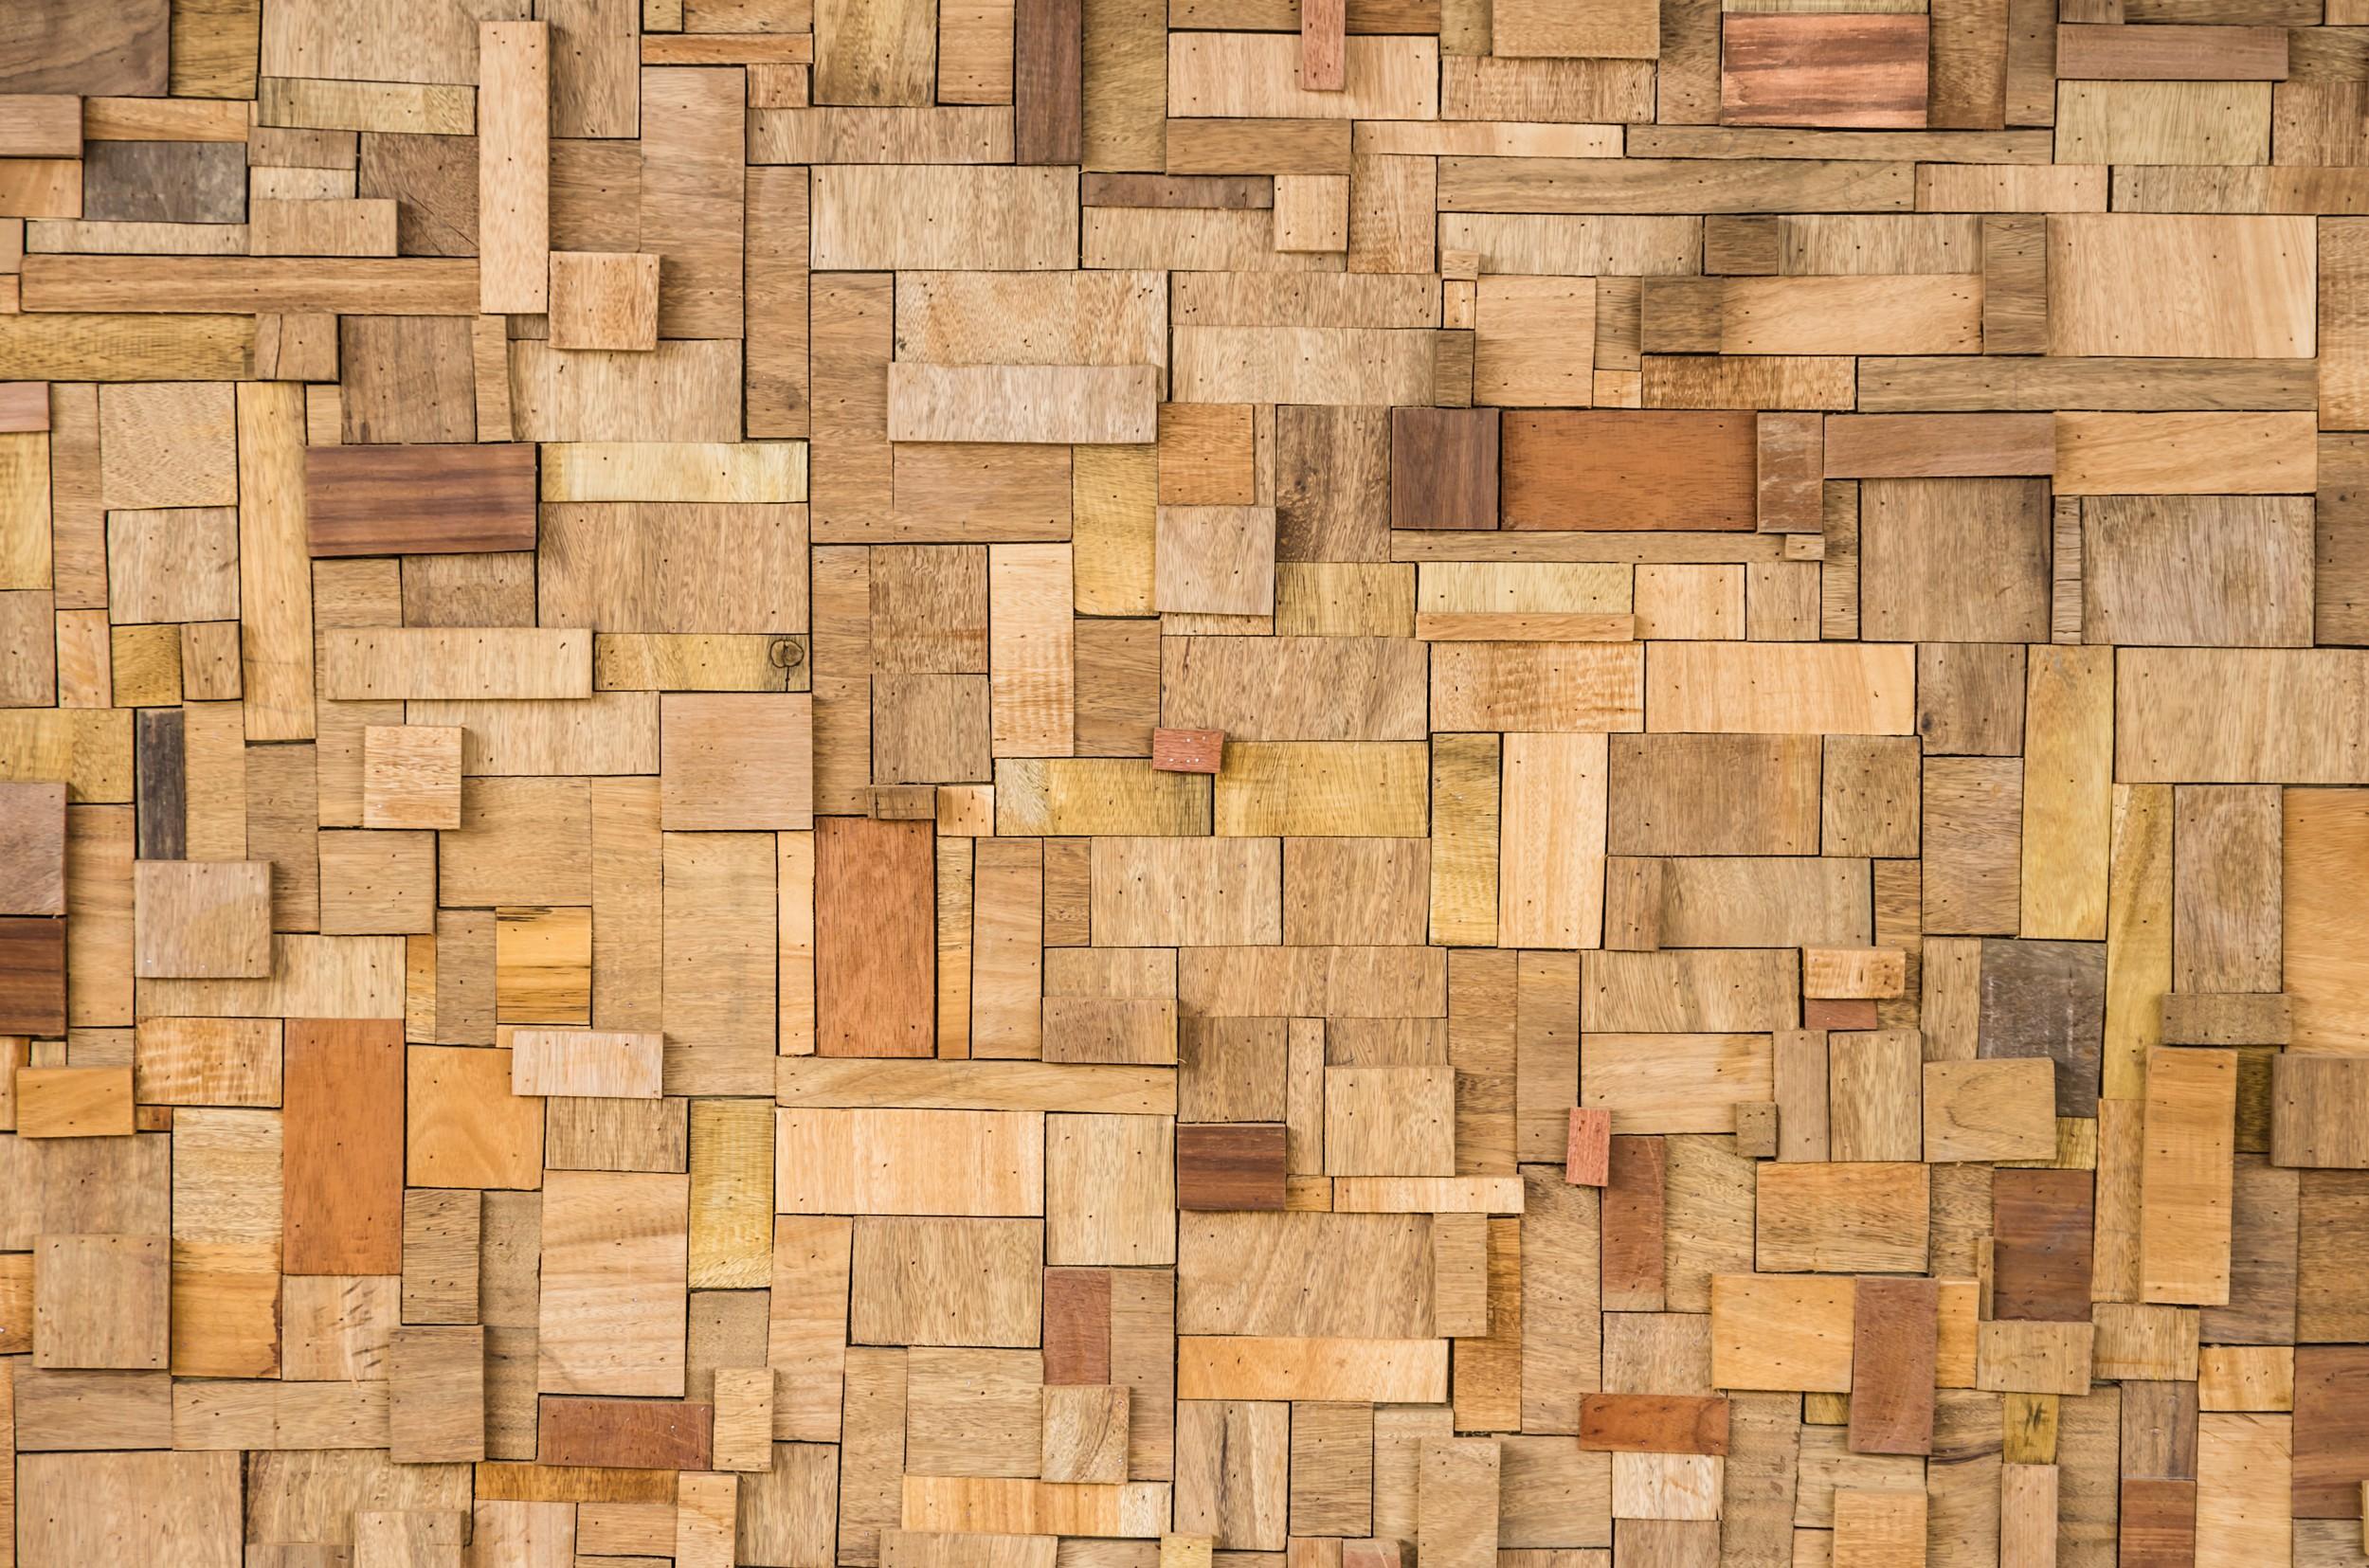 بالصور خلفيات خشب , احدث اشكال الخلفيات الخشبية 5126 6